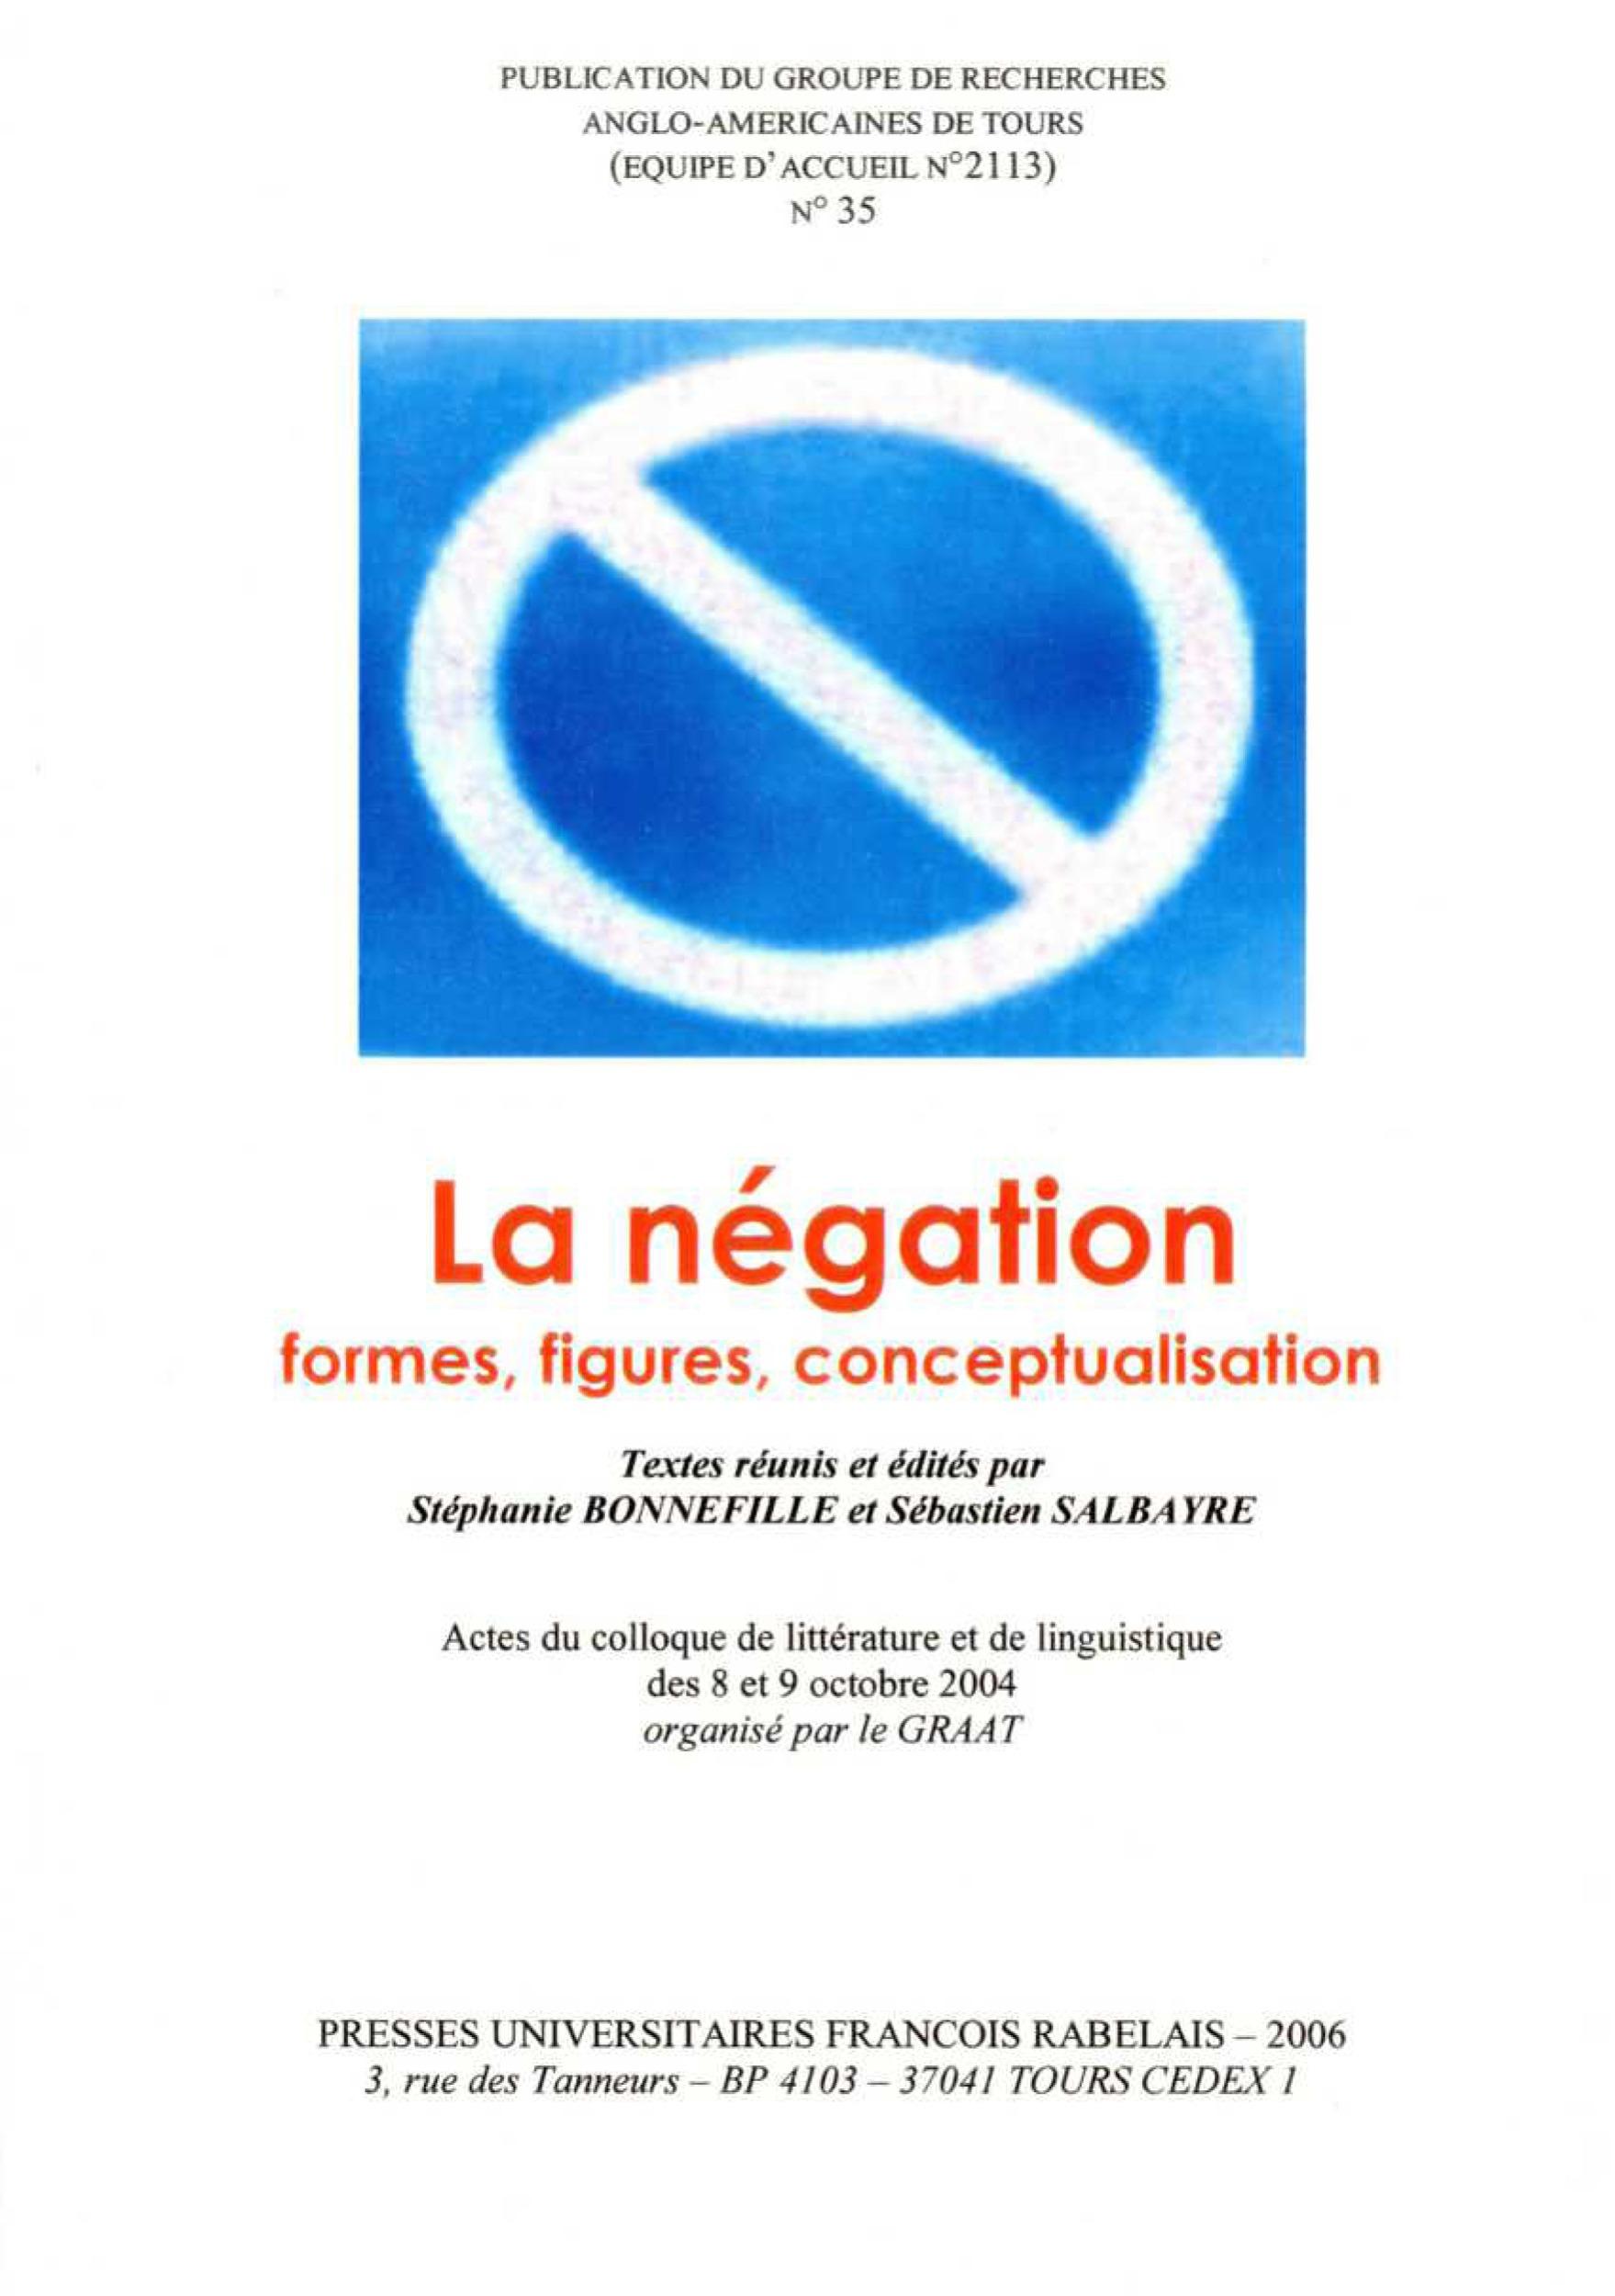 La négation, formes, figures, conceptualisation